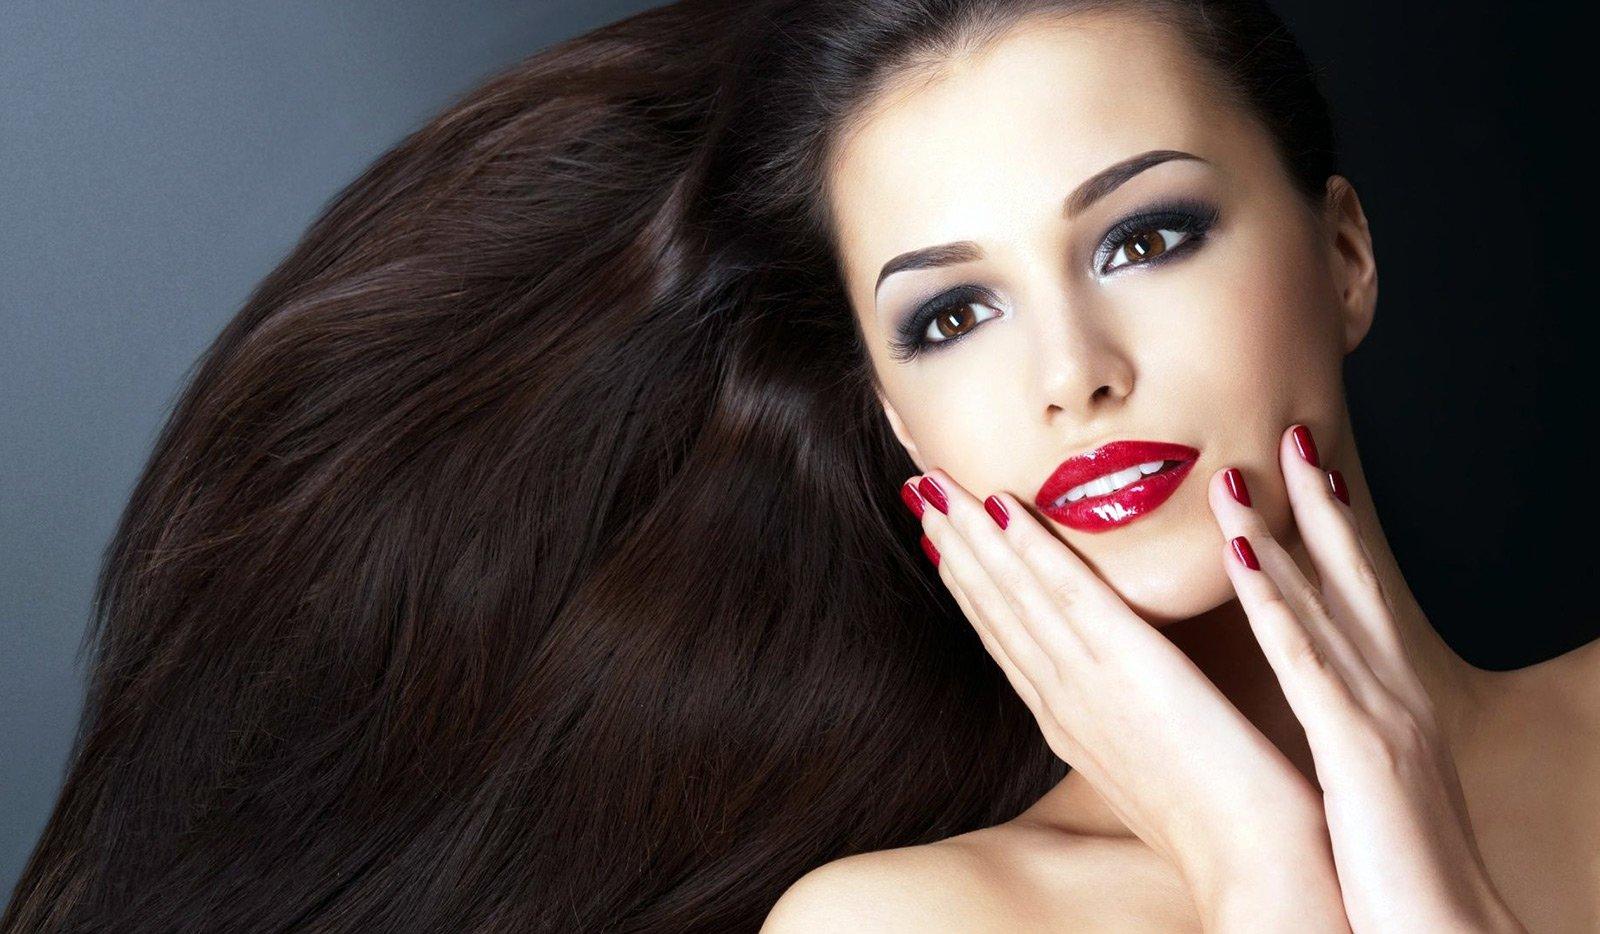 Волосы, ногти, кожа. Как дефицит витаминов и минералов портит внешность?